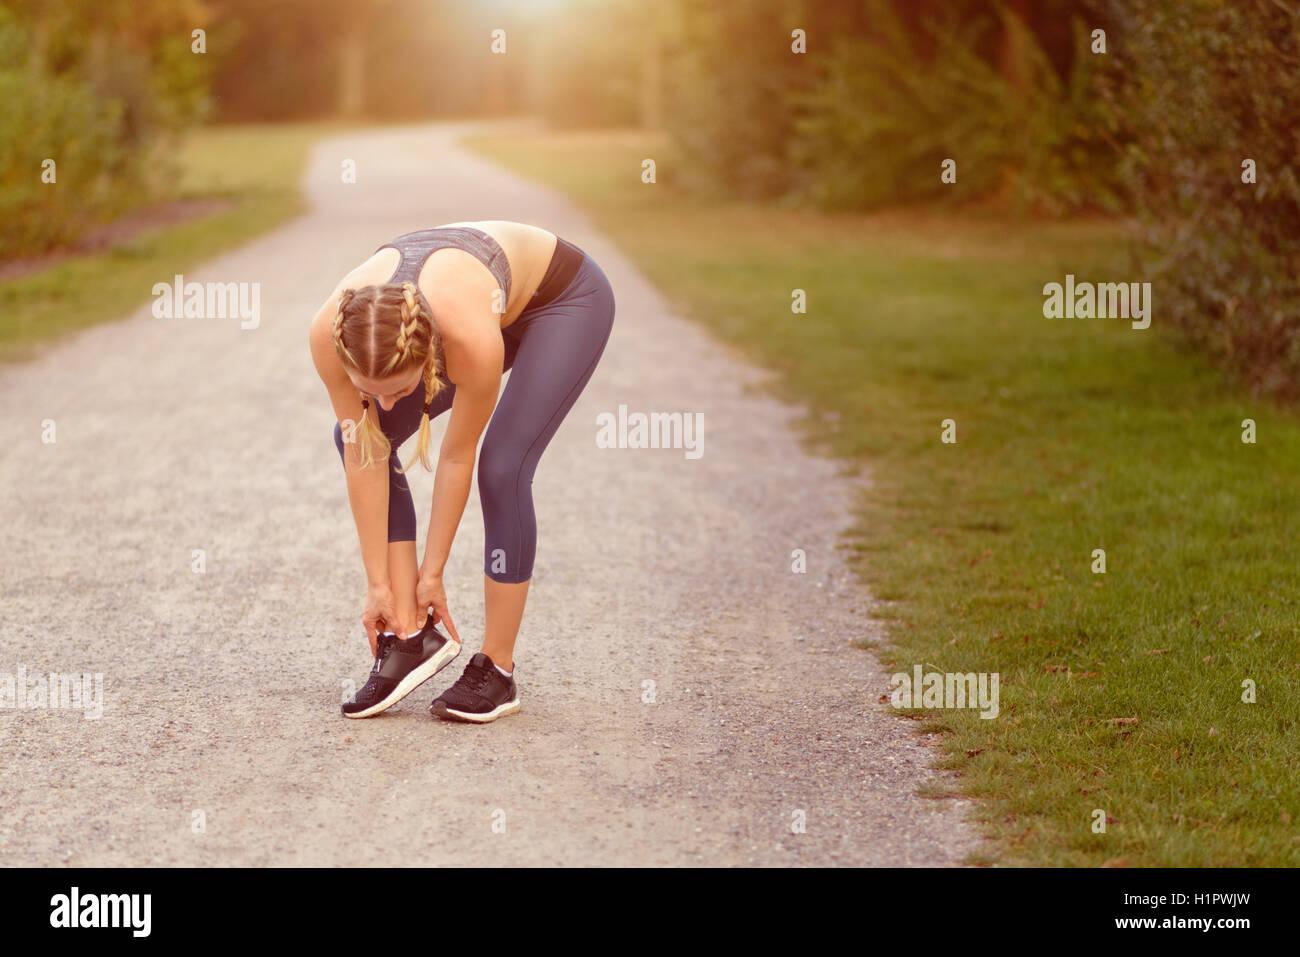 Mujer joven limbering arriba antes del entrenamiento haciendo ejercicios para estirar sus músculos en un país Imagen De Stock